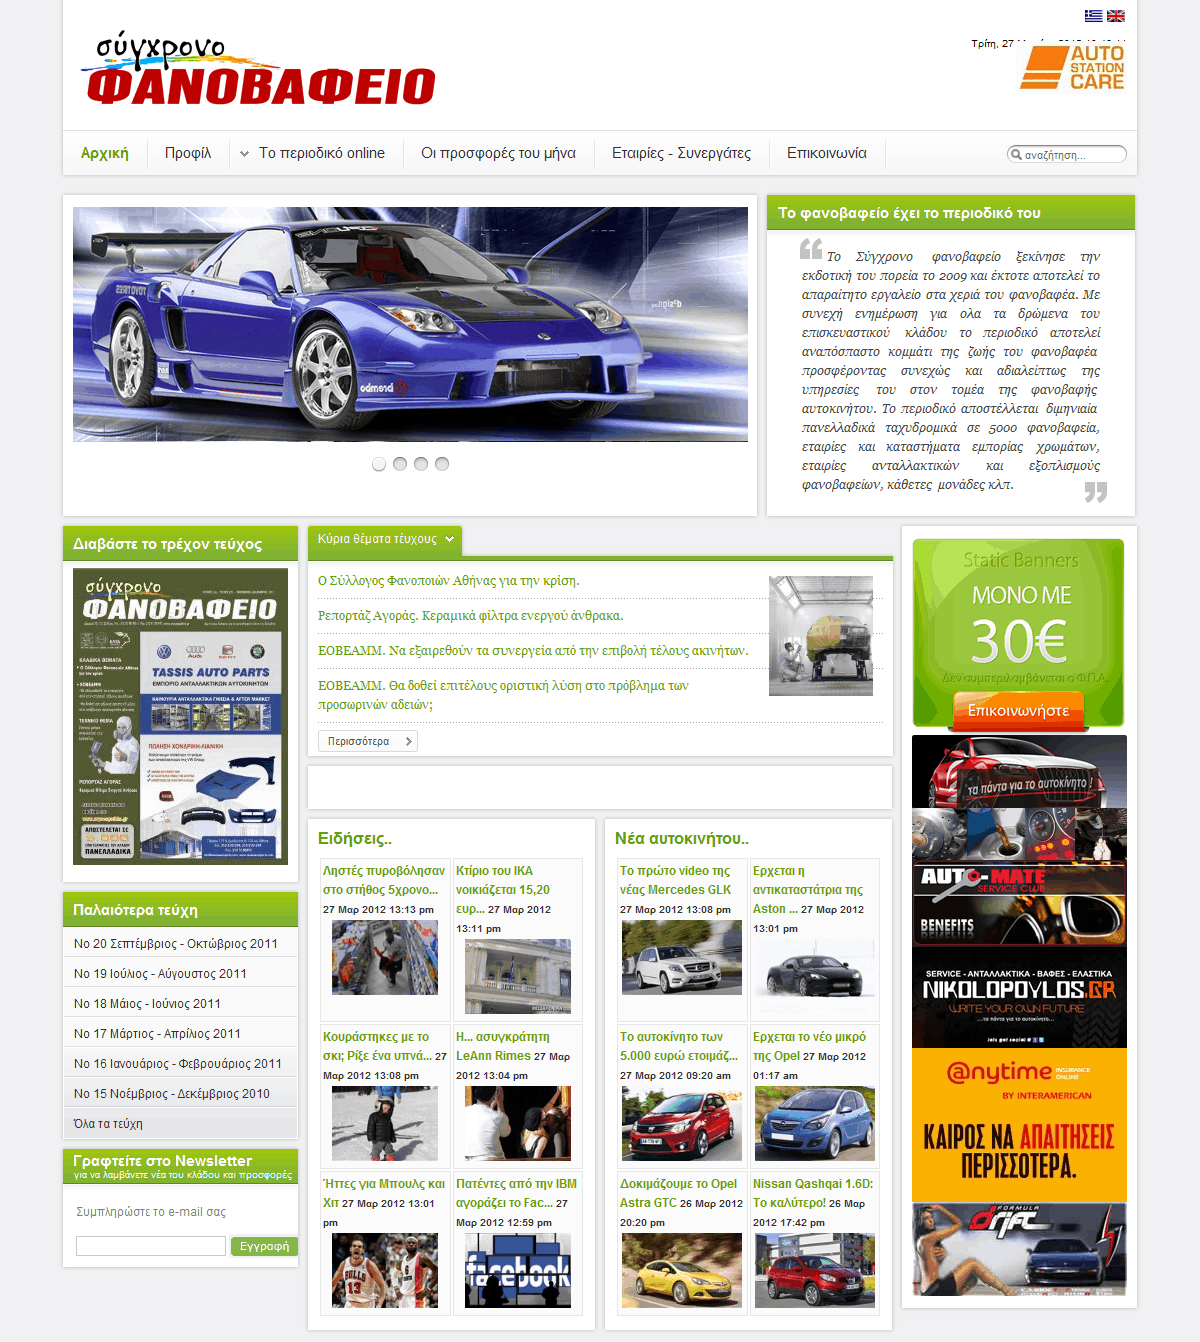 e-fanovafeio.gr